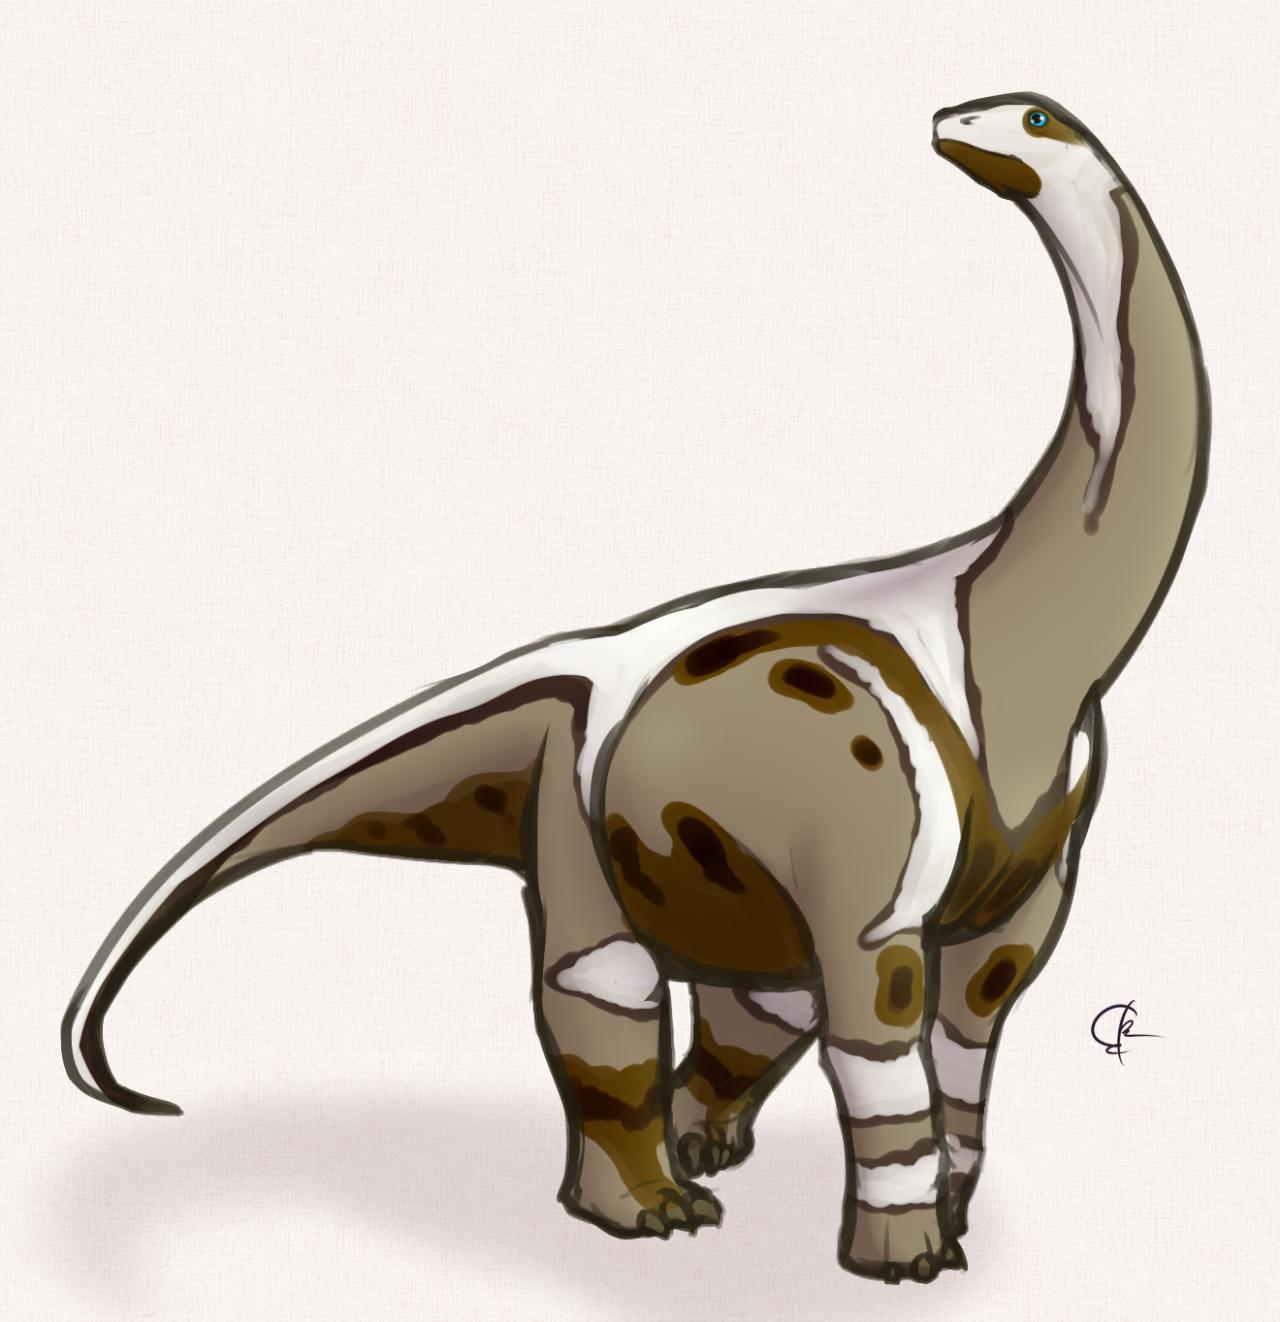 Sanpasaurus